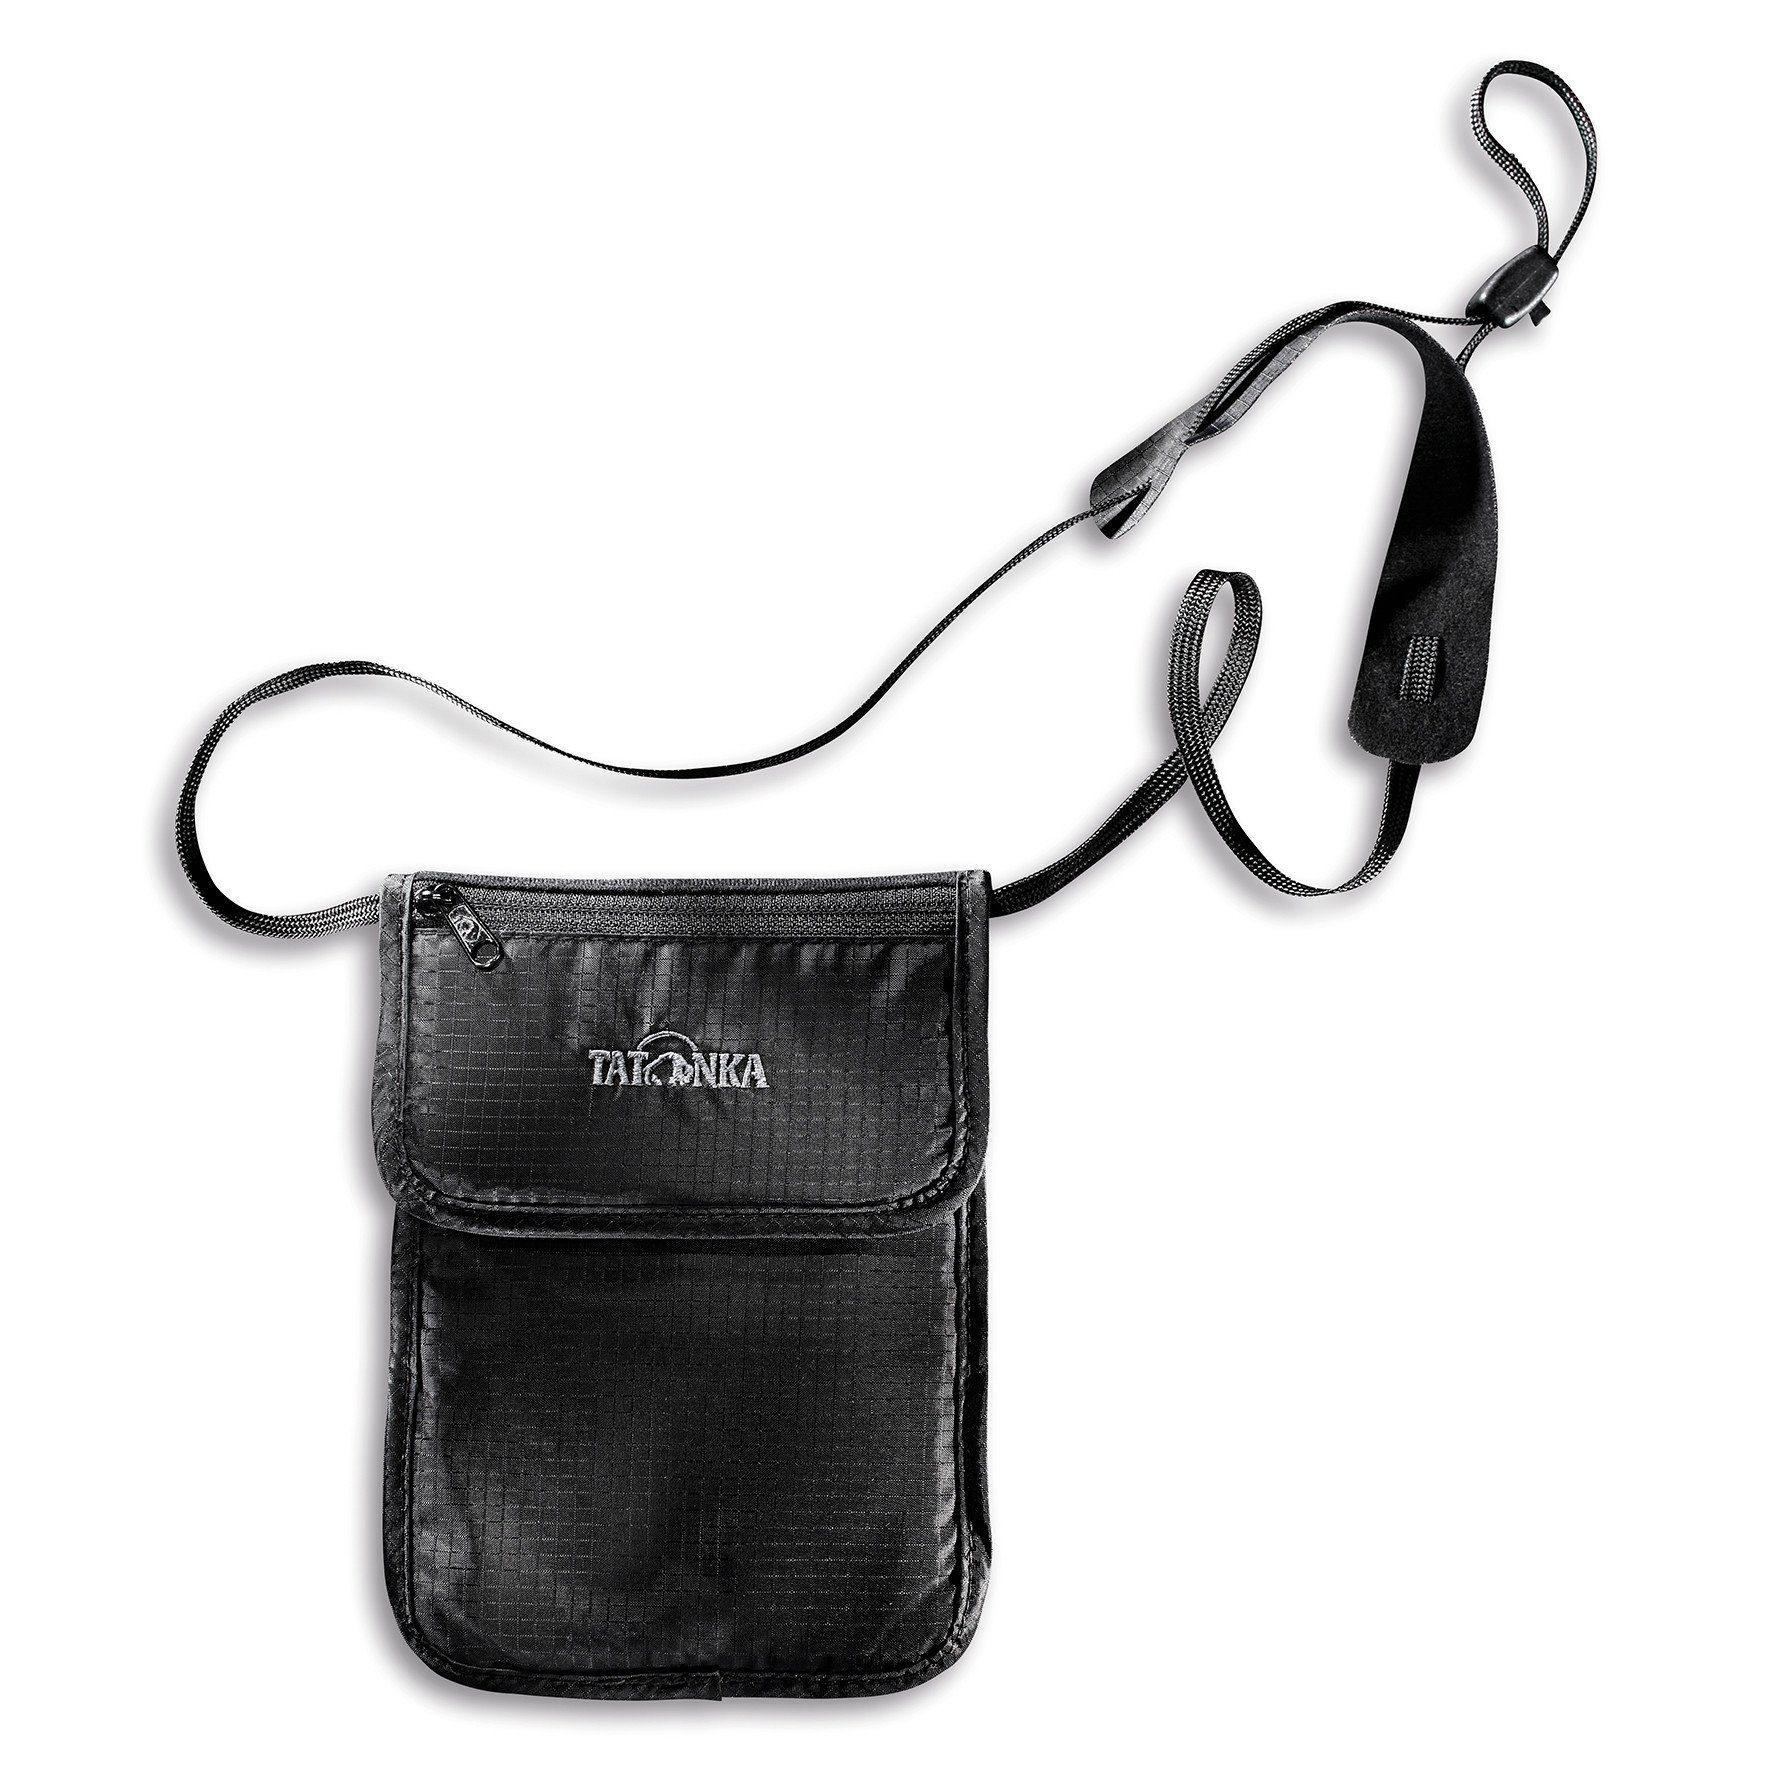 TATONKA® Wertsachenaufbewahrung »Skin Folded Neck Pou«